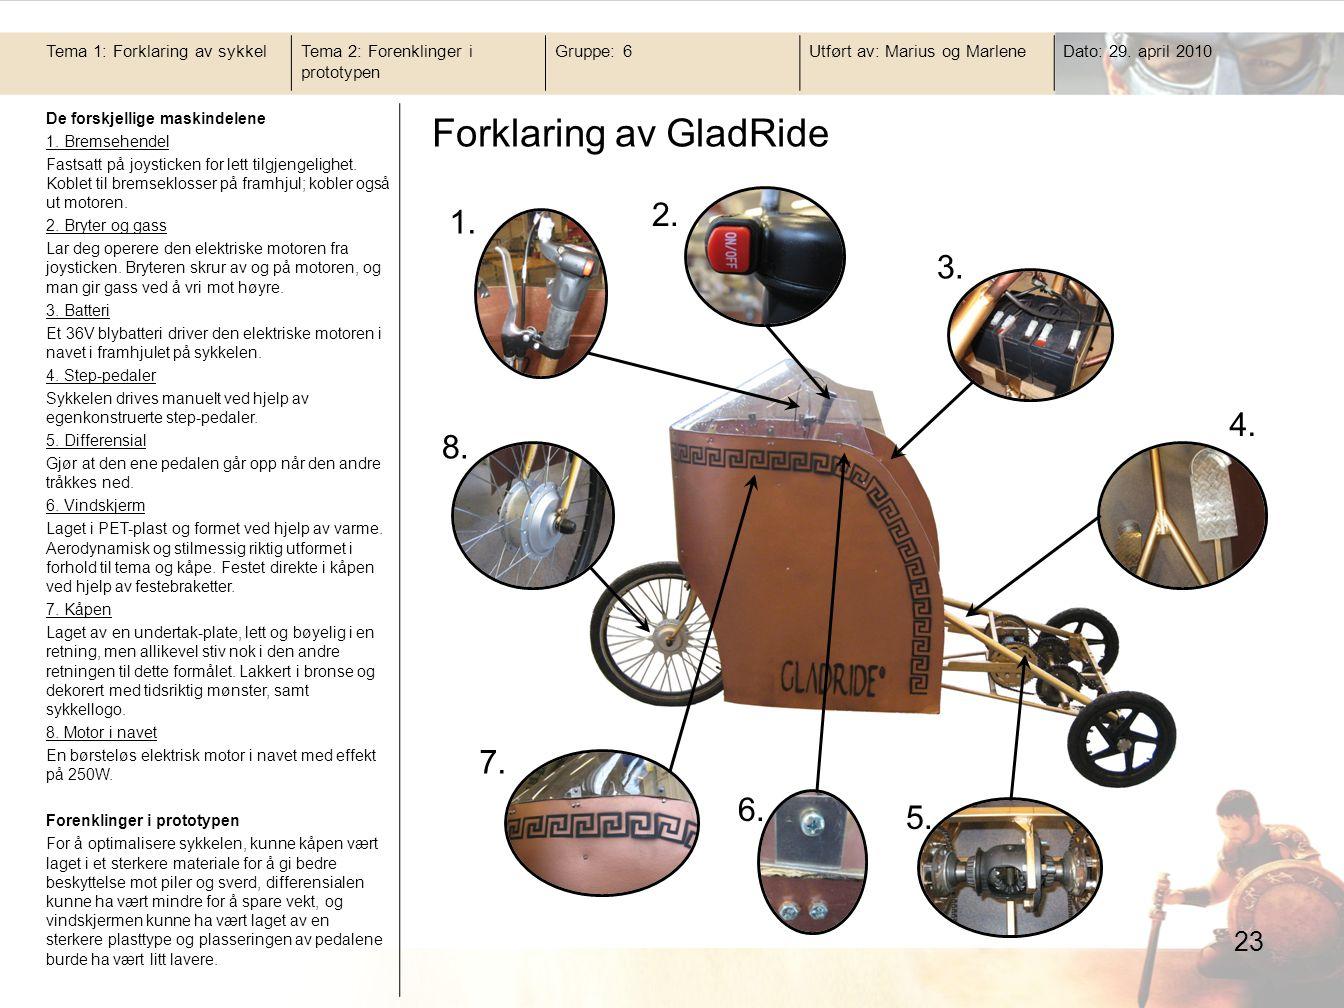 Forklaring av GladRide